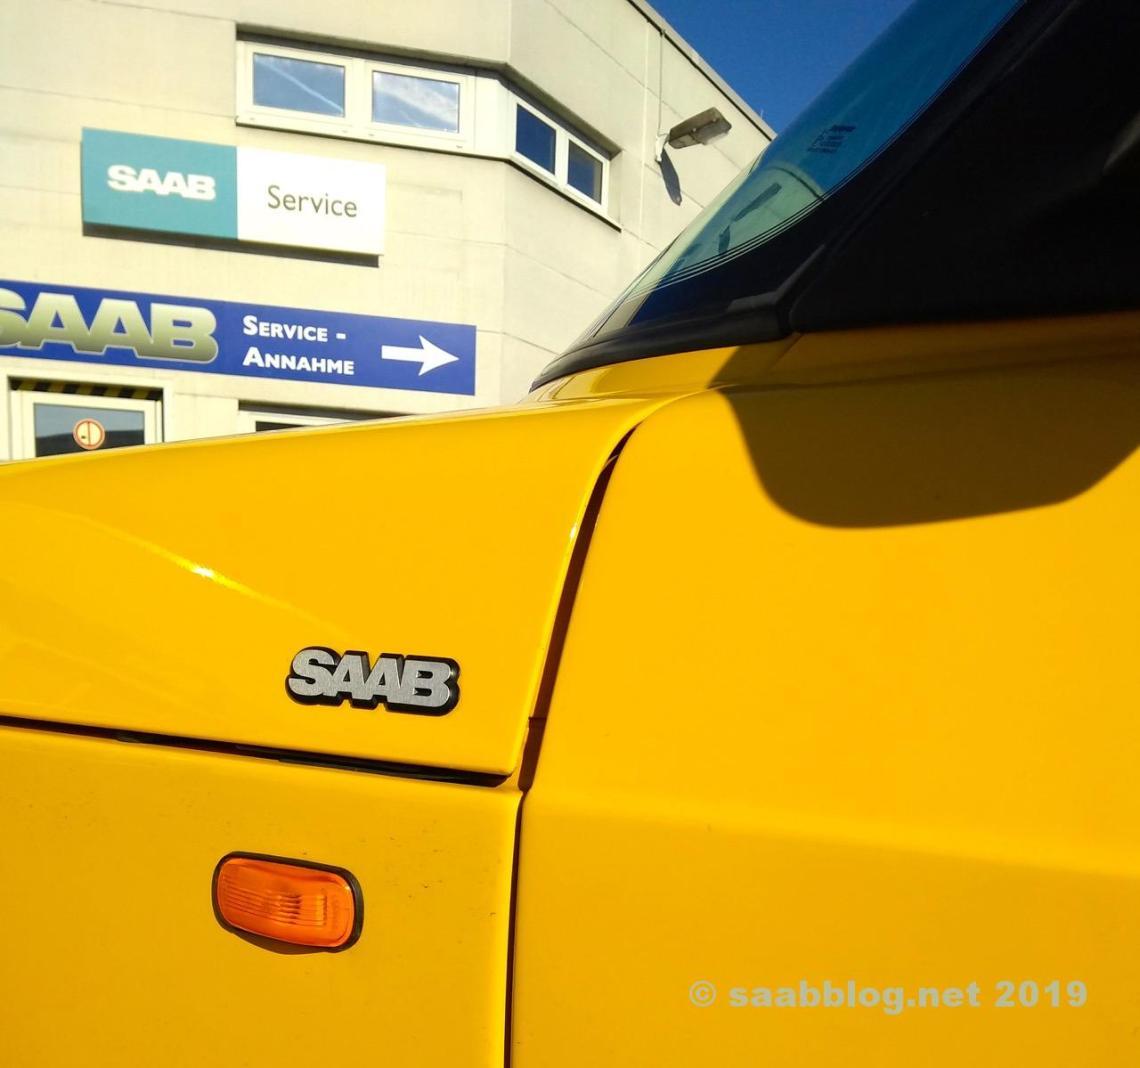 Saab Service